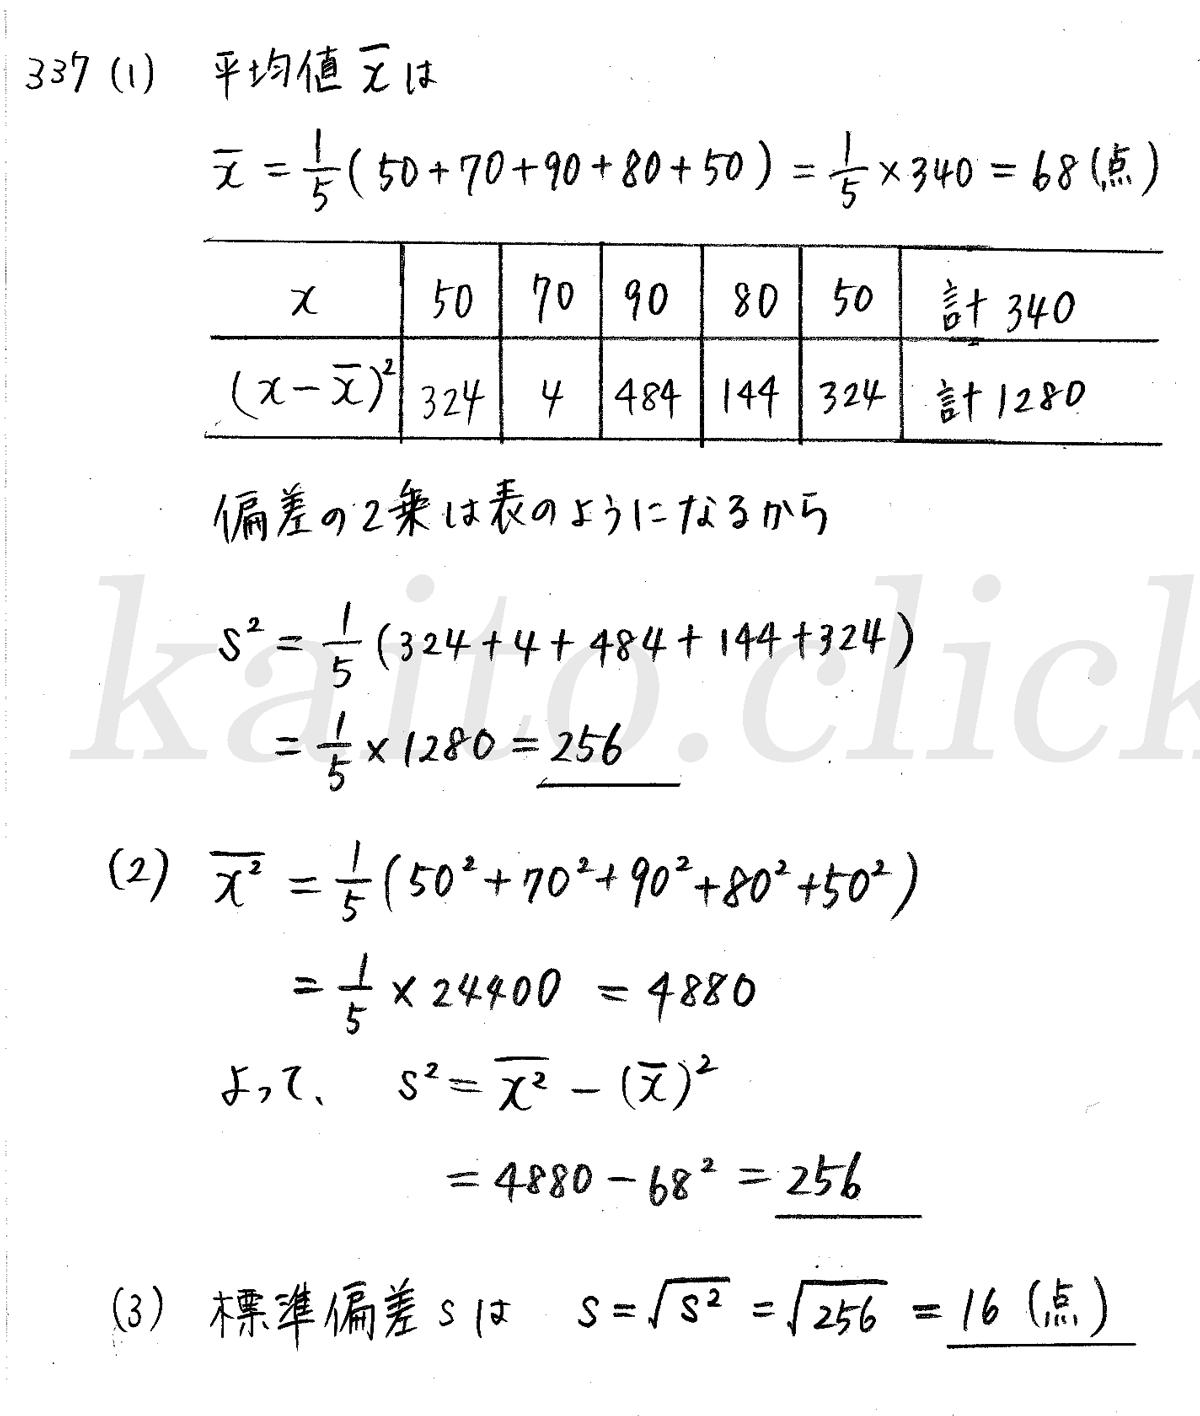 クリアー数学1-337解答